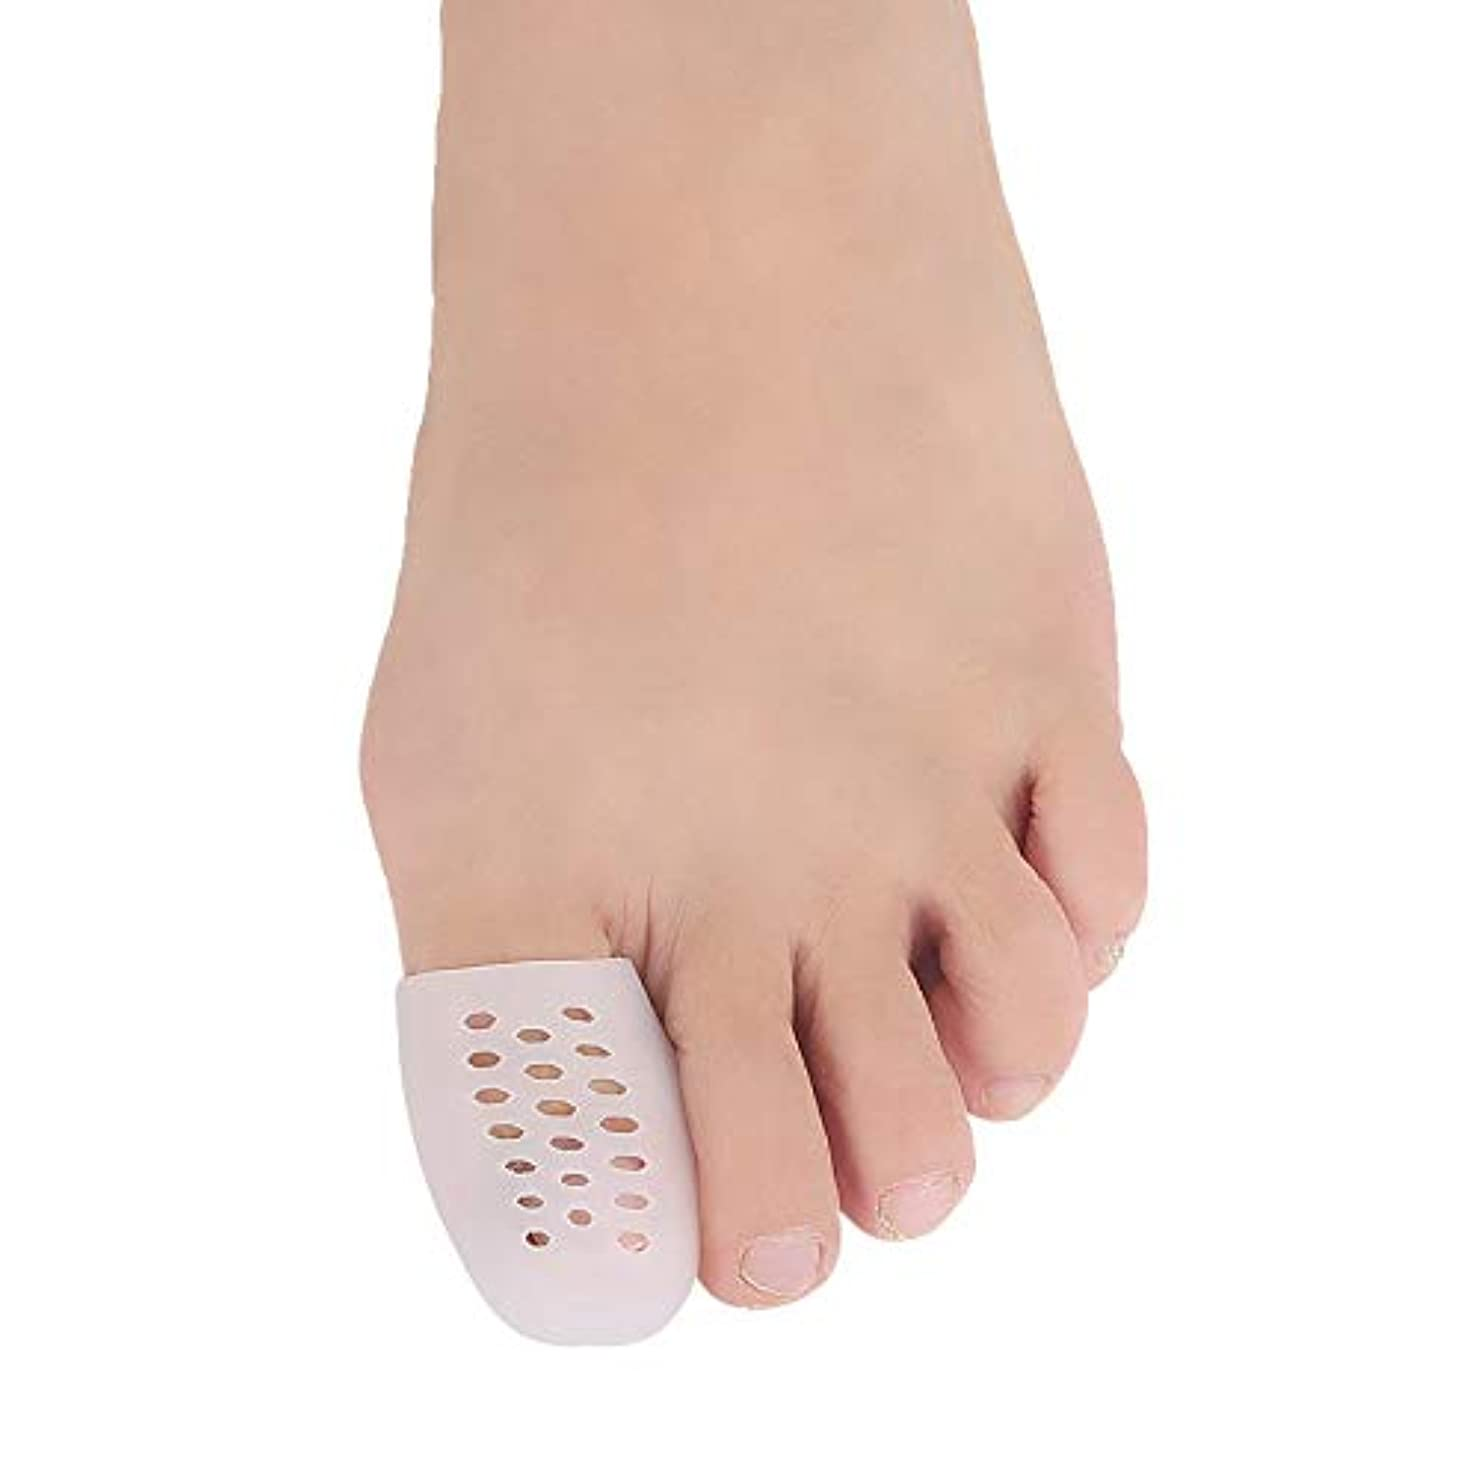 量落ちた読書をするZAYAR 足指保護キャップ 足先のつめ保護キャップ つま先プロテクター シリコン 趾痛み軽減